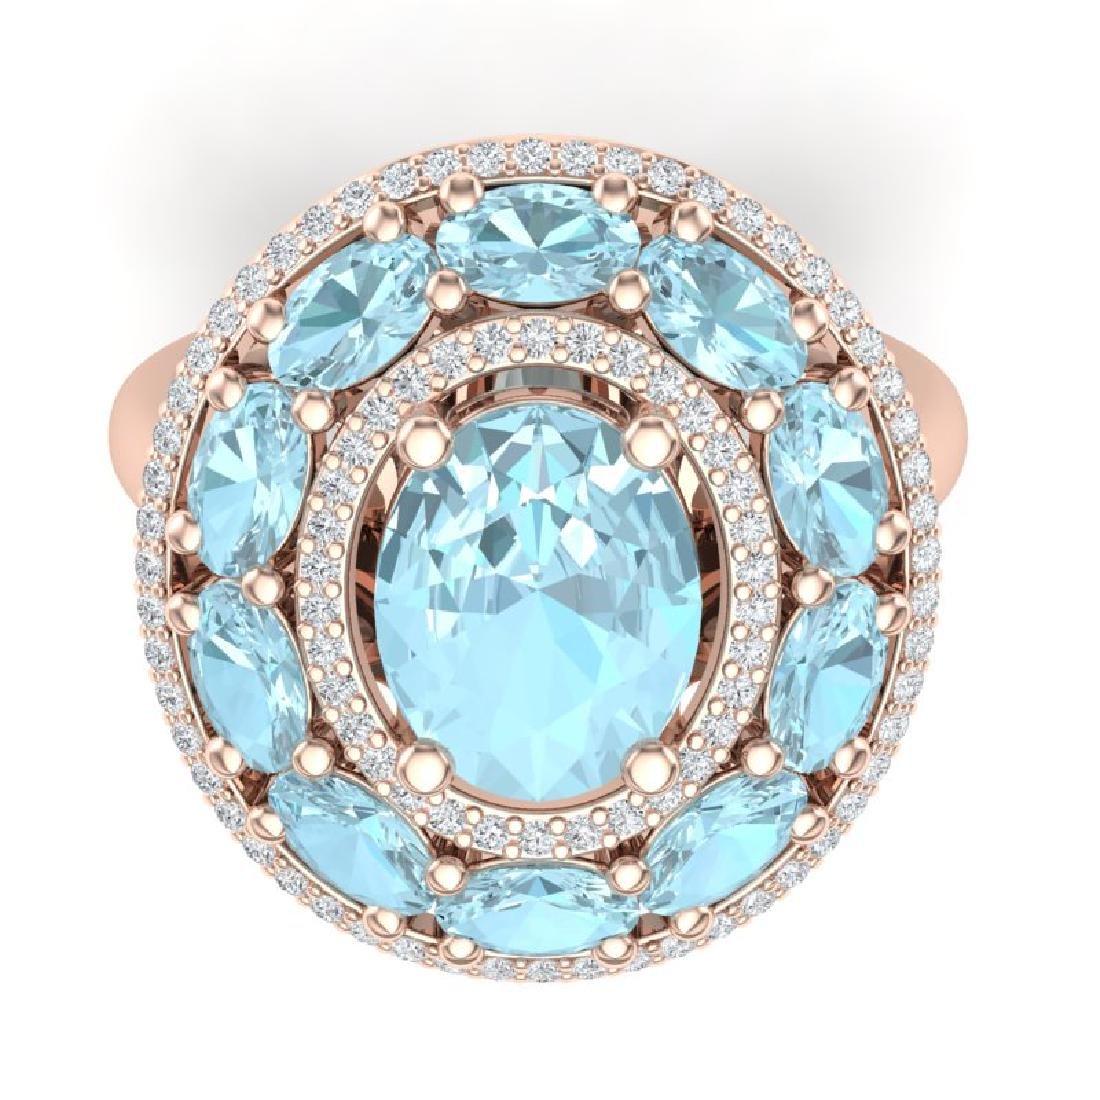 8.47 CTW Royalty Sky Topaz & VS Diamond Ring 18K Rose - 2